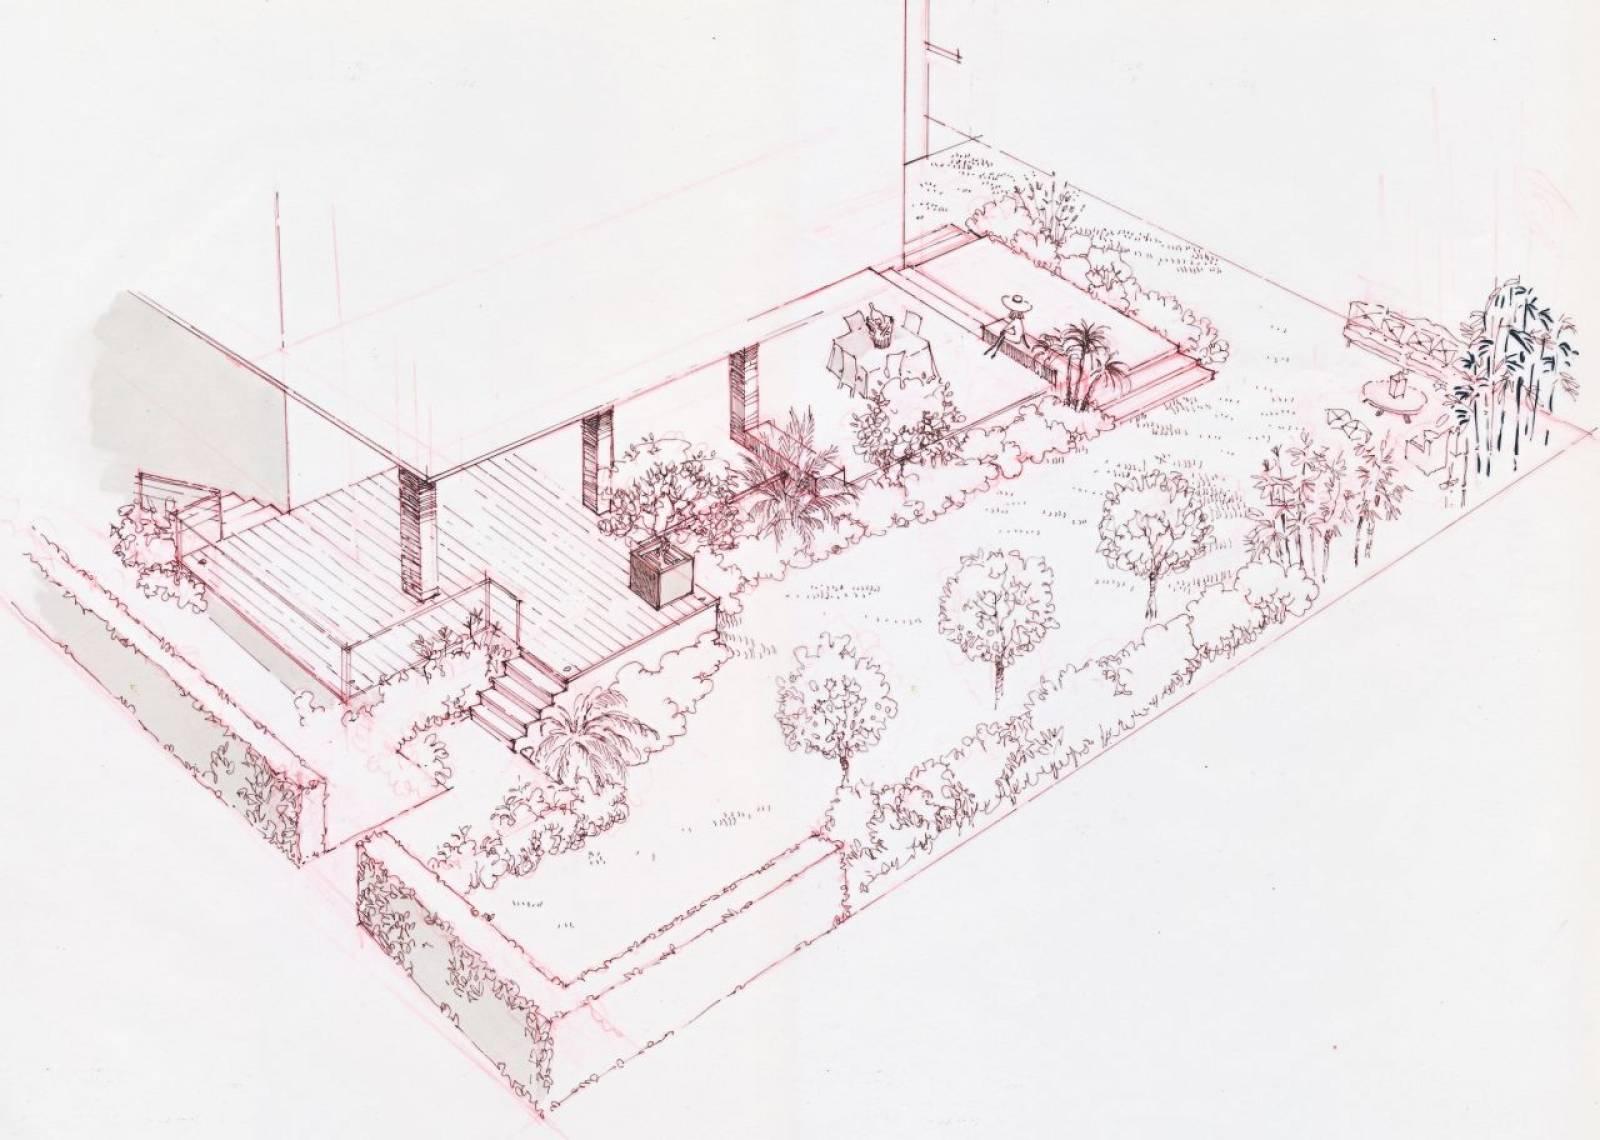 qu 39 est ce qu 39 un bureau d 39 tude am nagement de jardins paysagers et d 39 espaces verts bordeaux. Black Bedroom Furniture Sets. Home Design Ideas